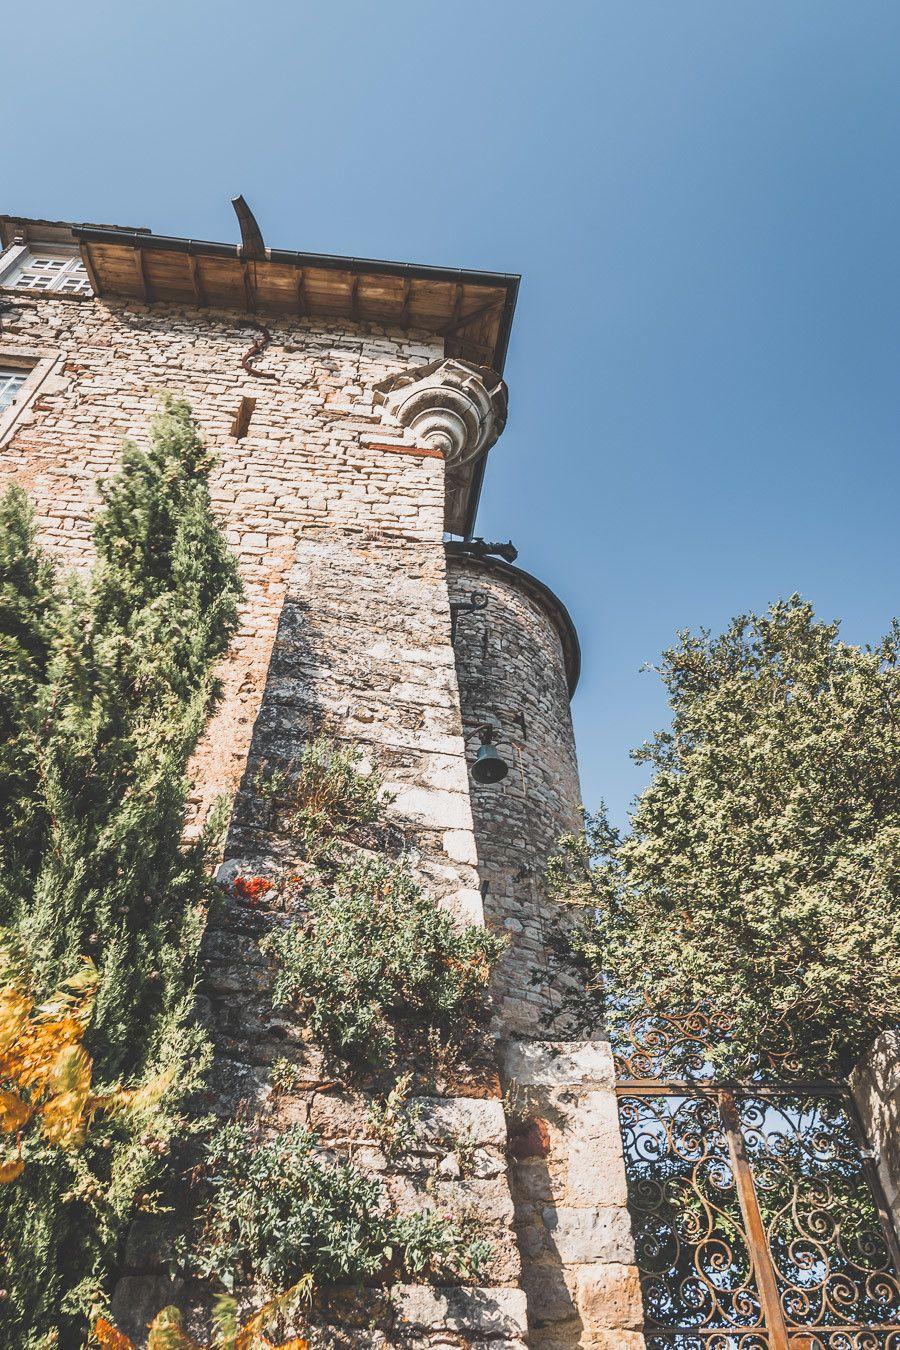 Un week-end en Aveyron, Occitanie